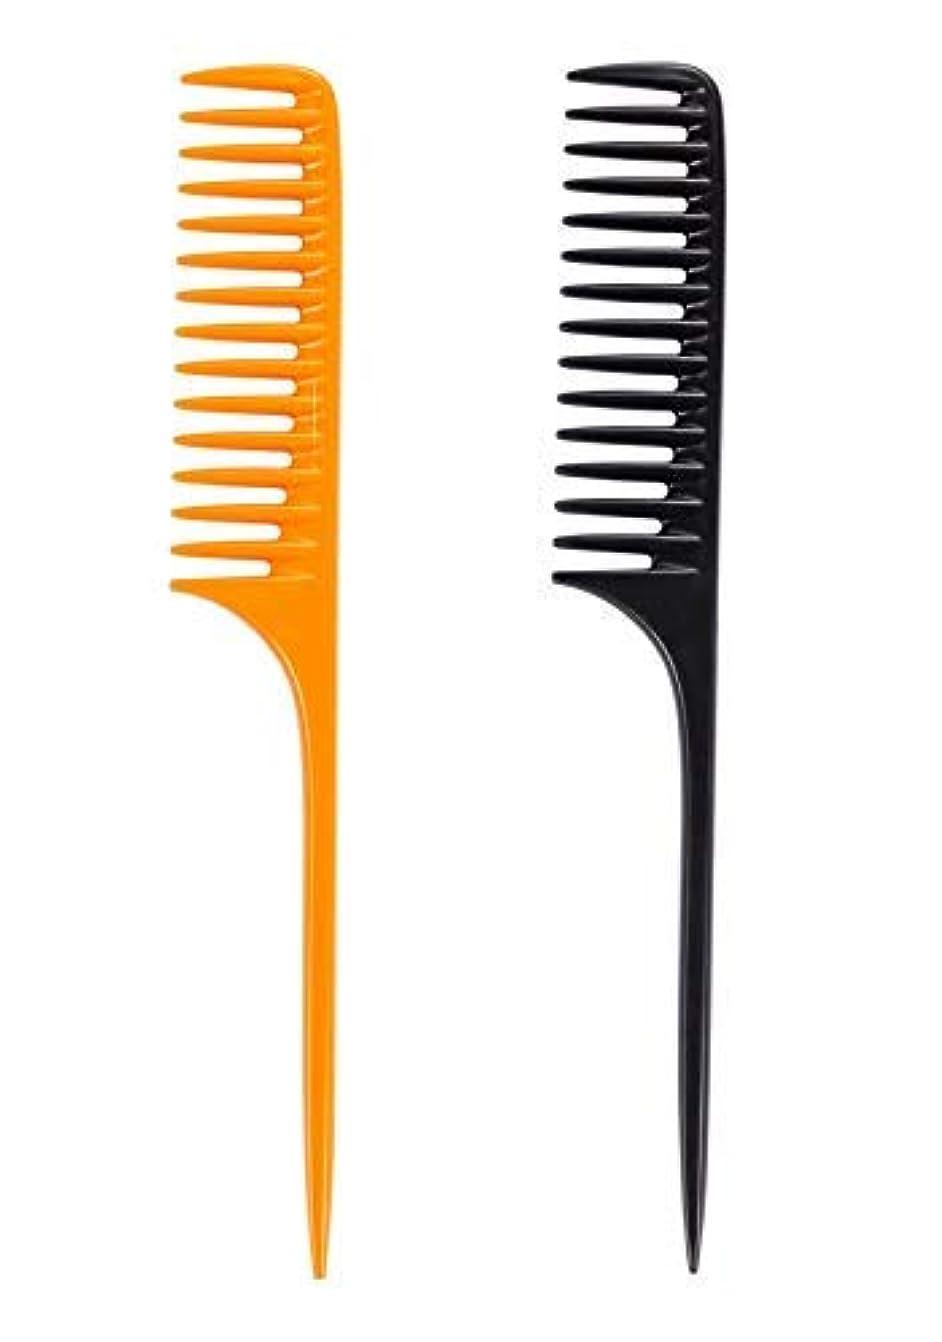 老人バレル何十人もLouise Maelys 2pcs Wide Tooth Rat Tail Comb for Curly Hair Styling Detangle Hair Combs Black and Yellow [並行輸入品]